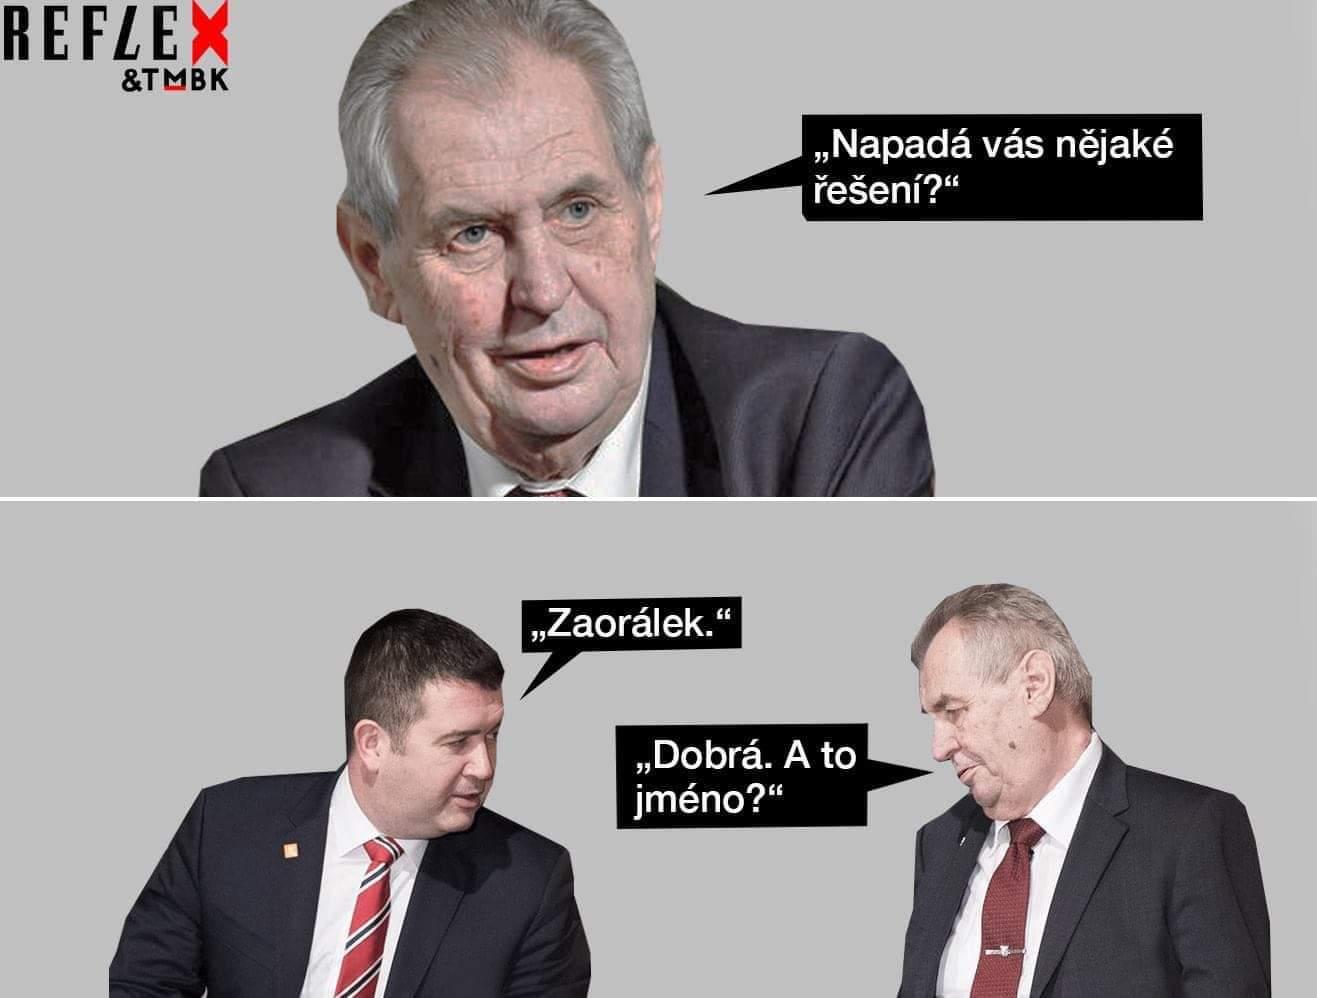 Obrázek Zaoral